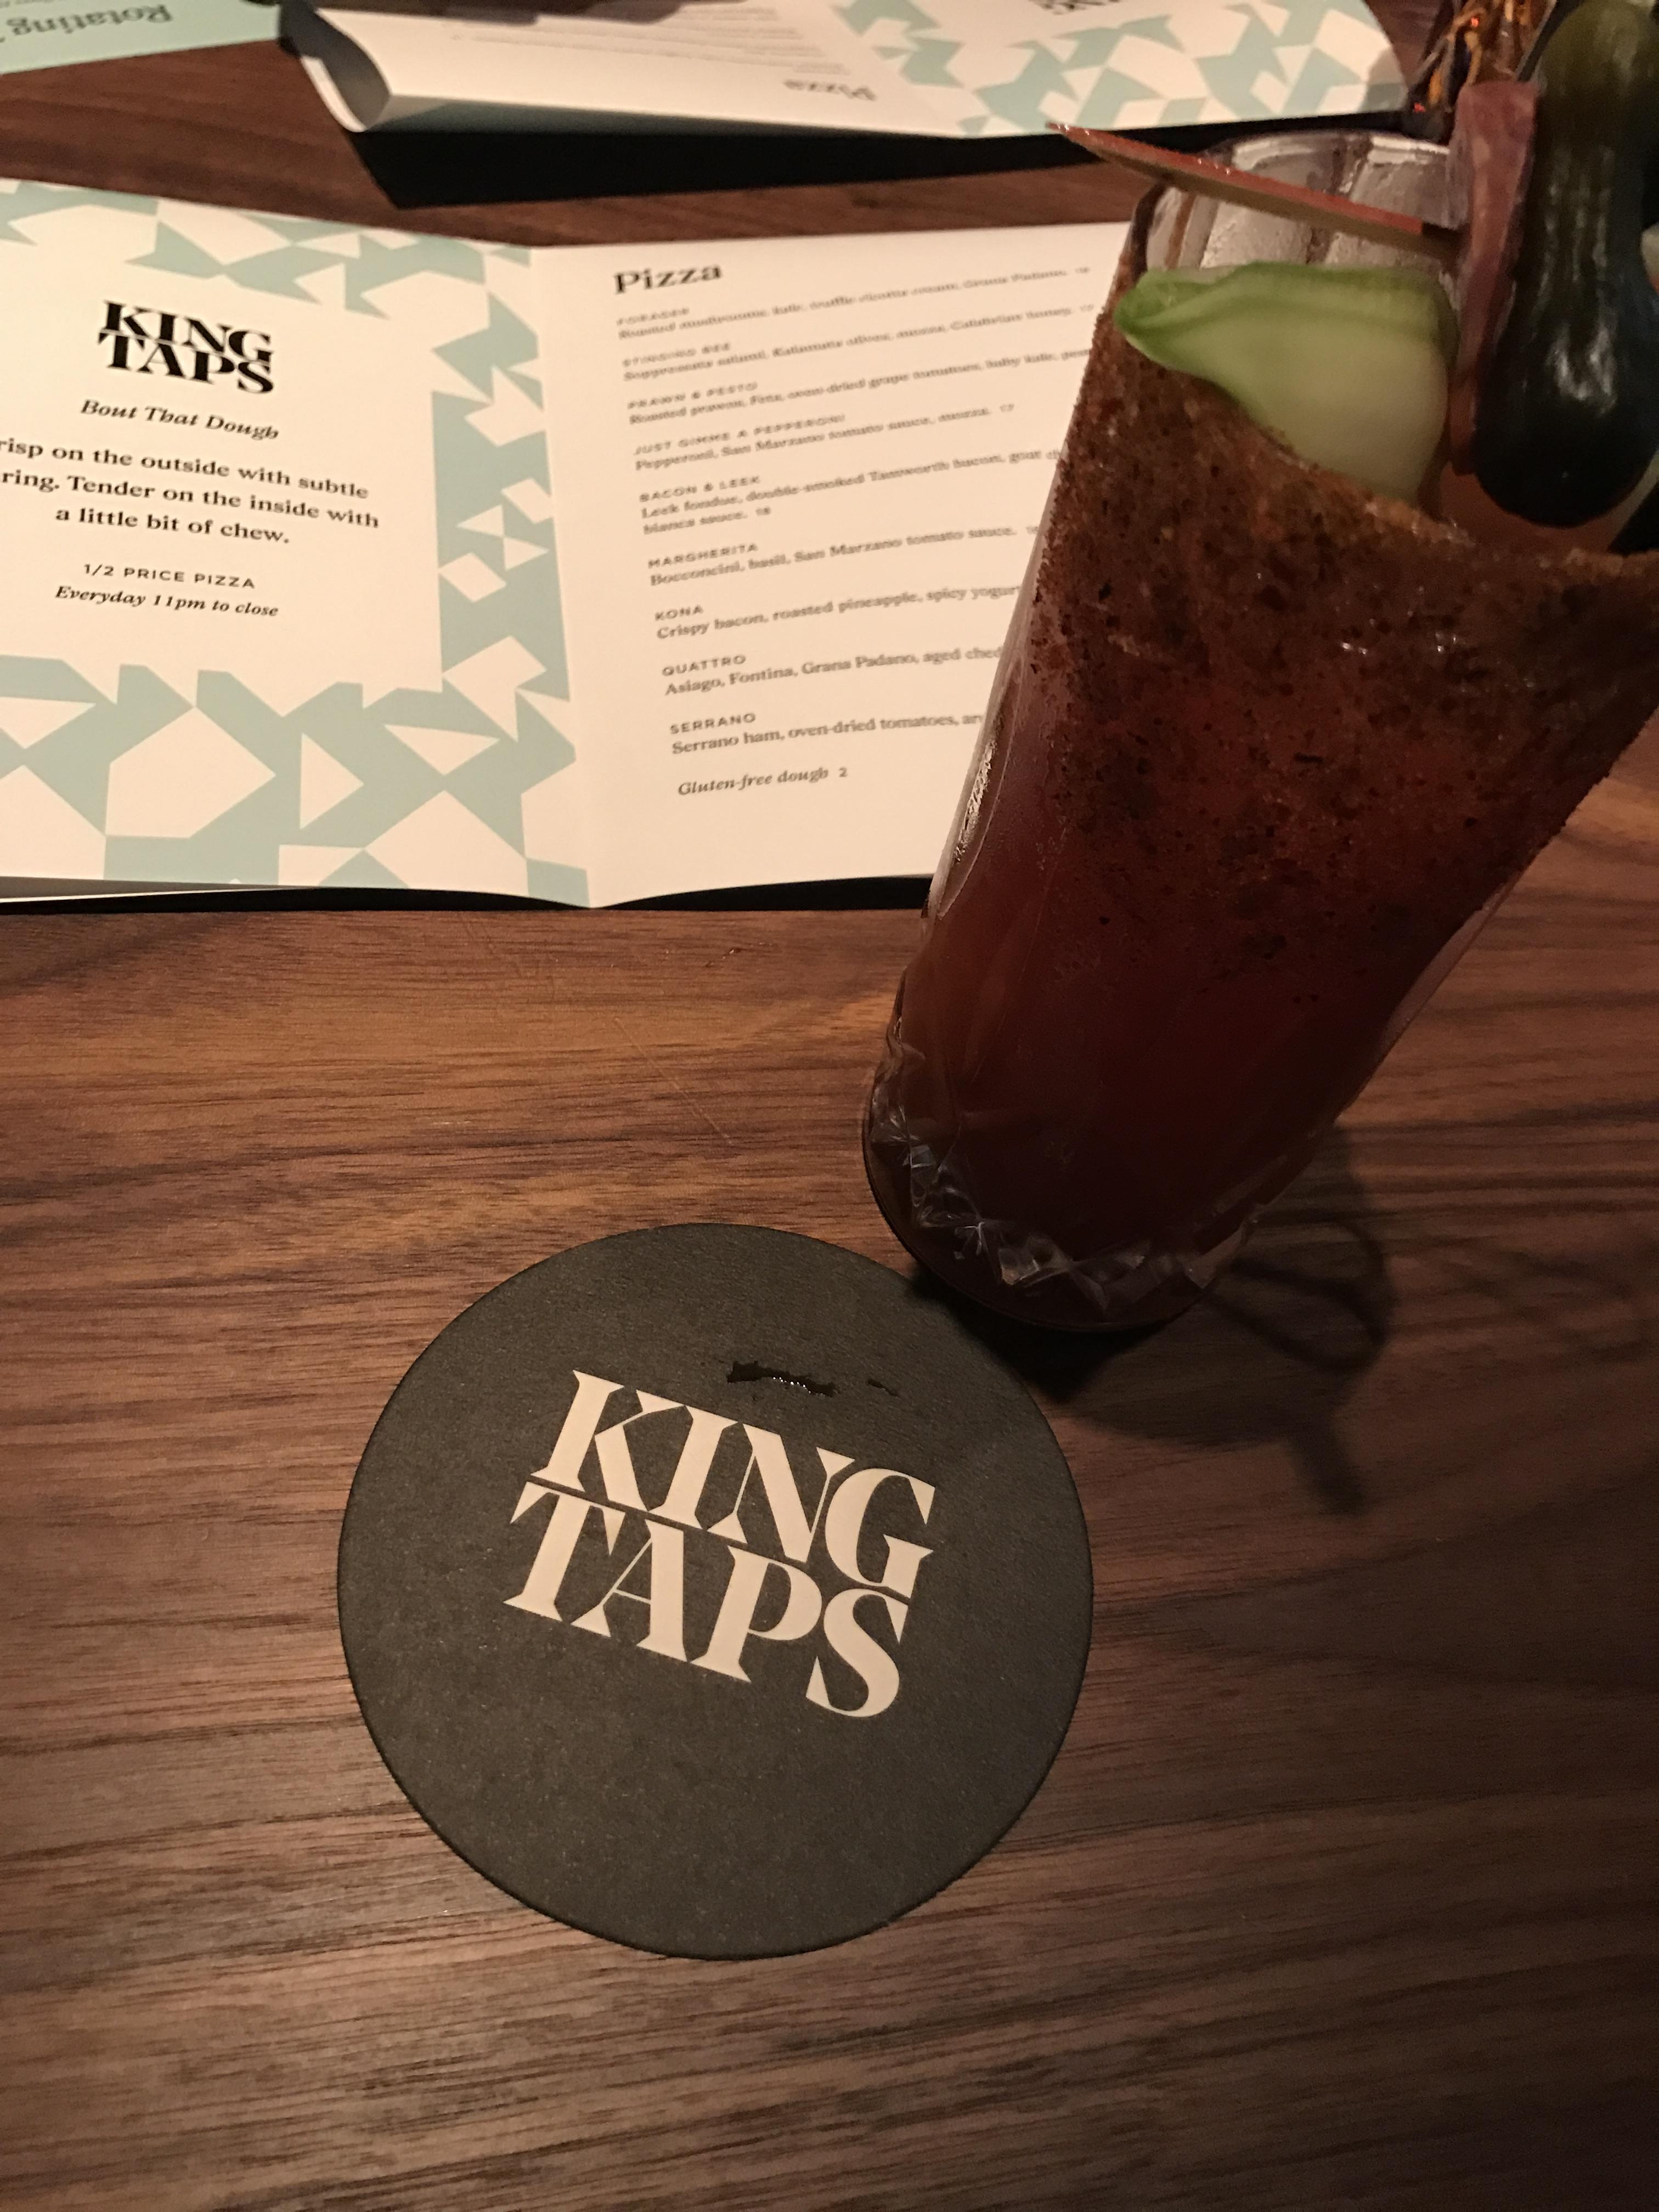 King Taps - Toronto